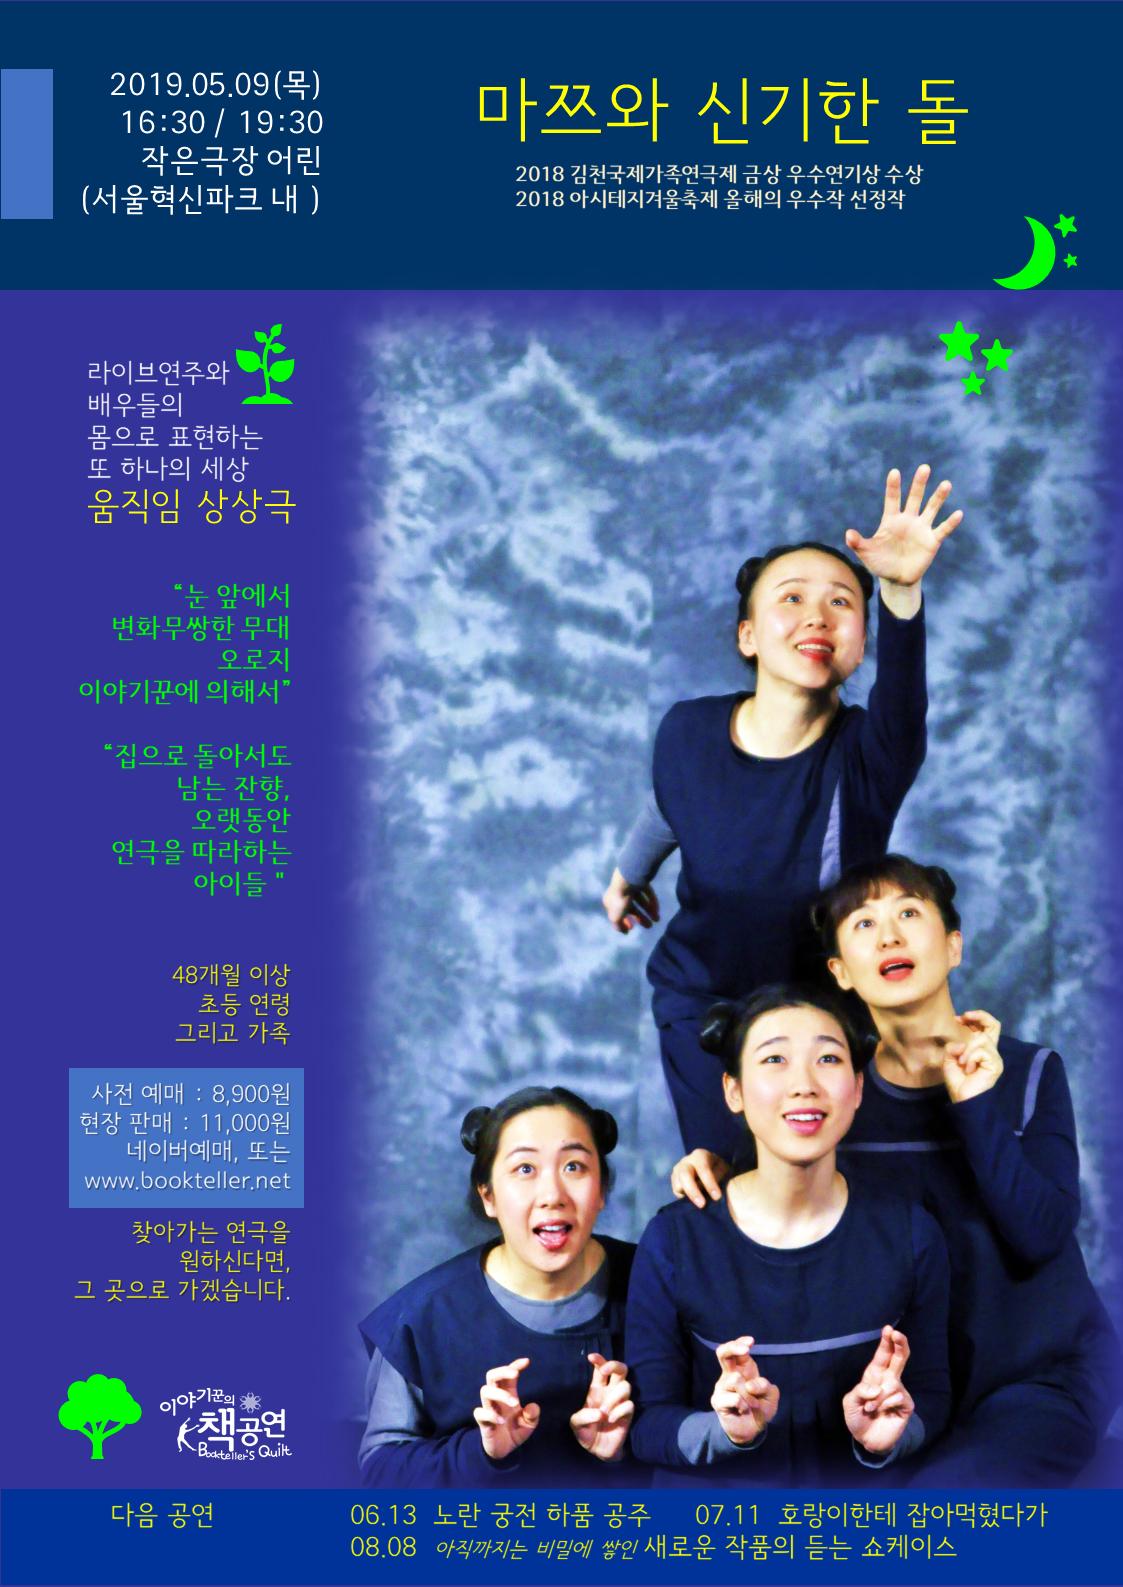 포스터_0509_마쯔와신기한돌.png